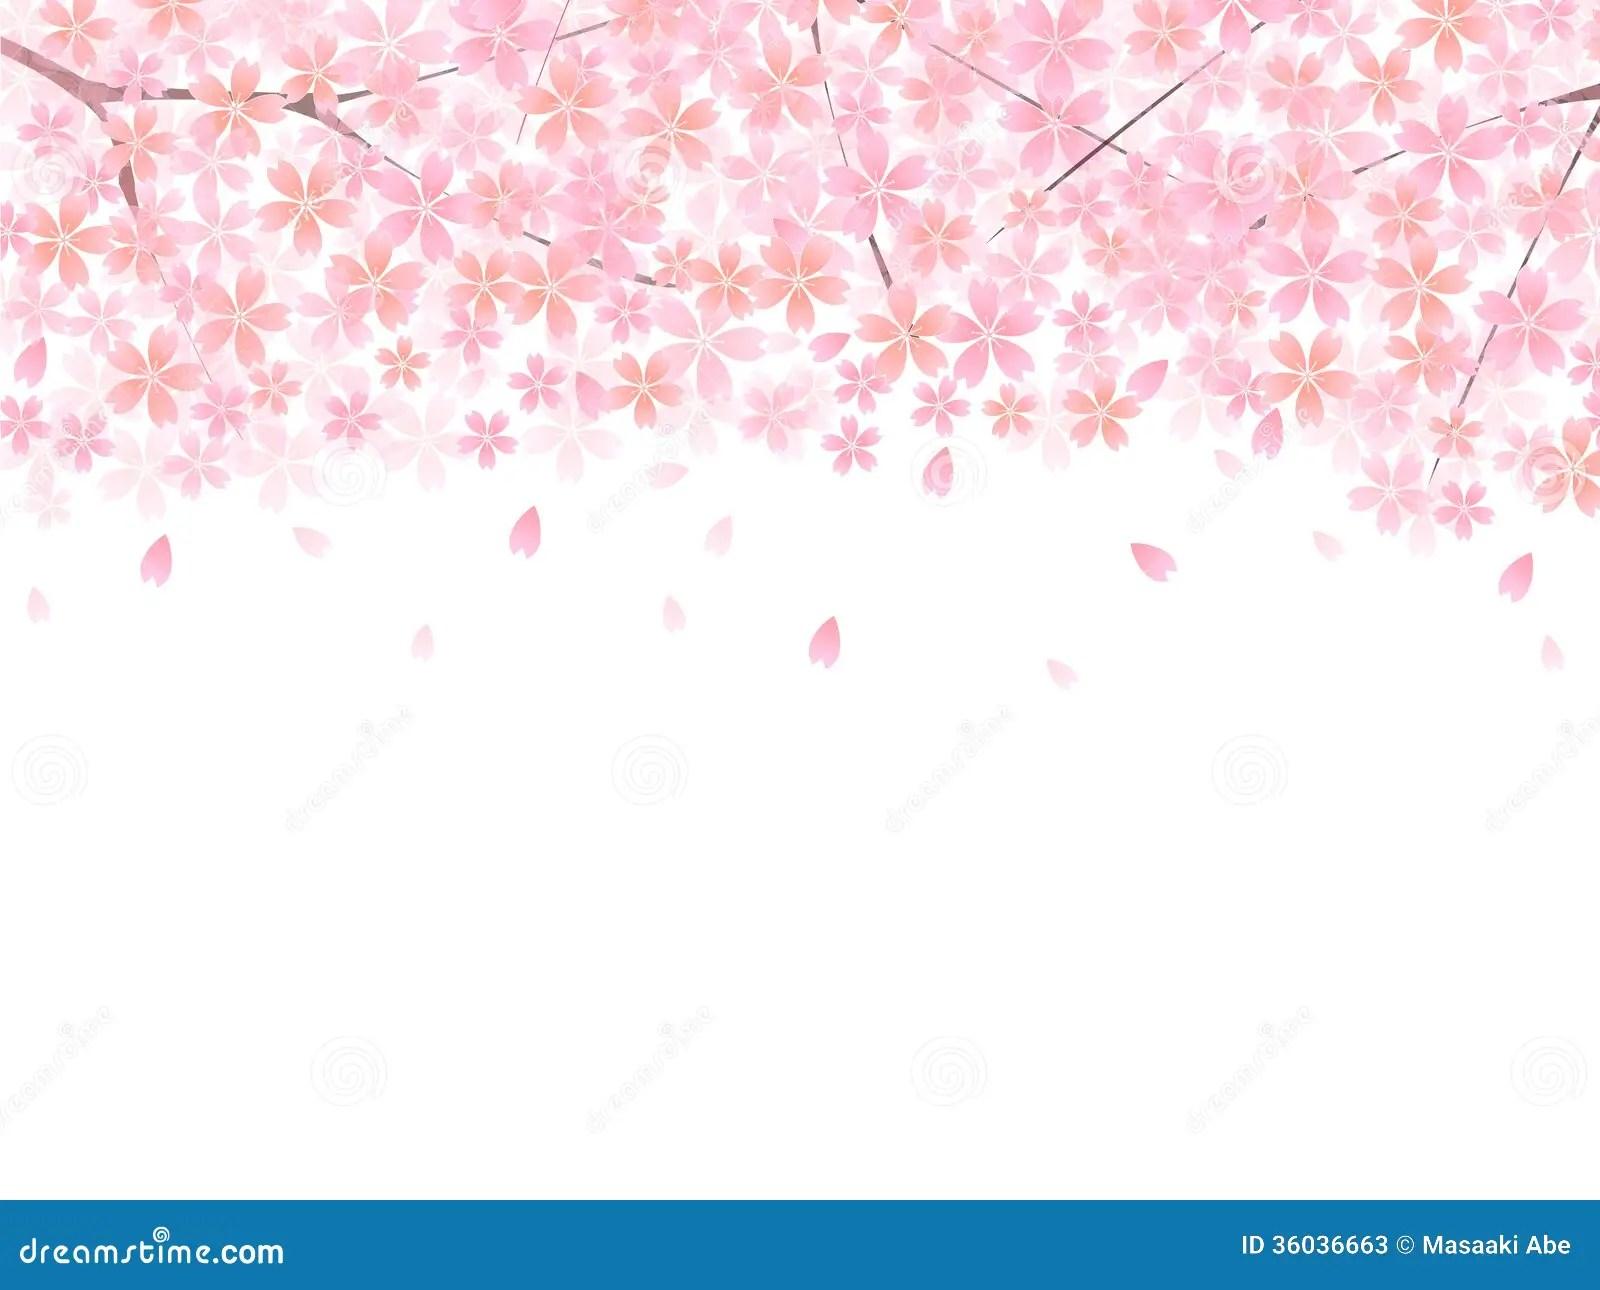 Falling Cherry Blossom Wallpaper Hd Sakura Sakura Spring Stock Vector Illustration Of Plant